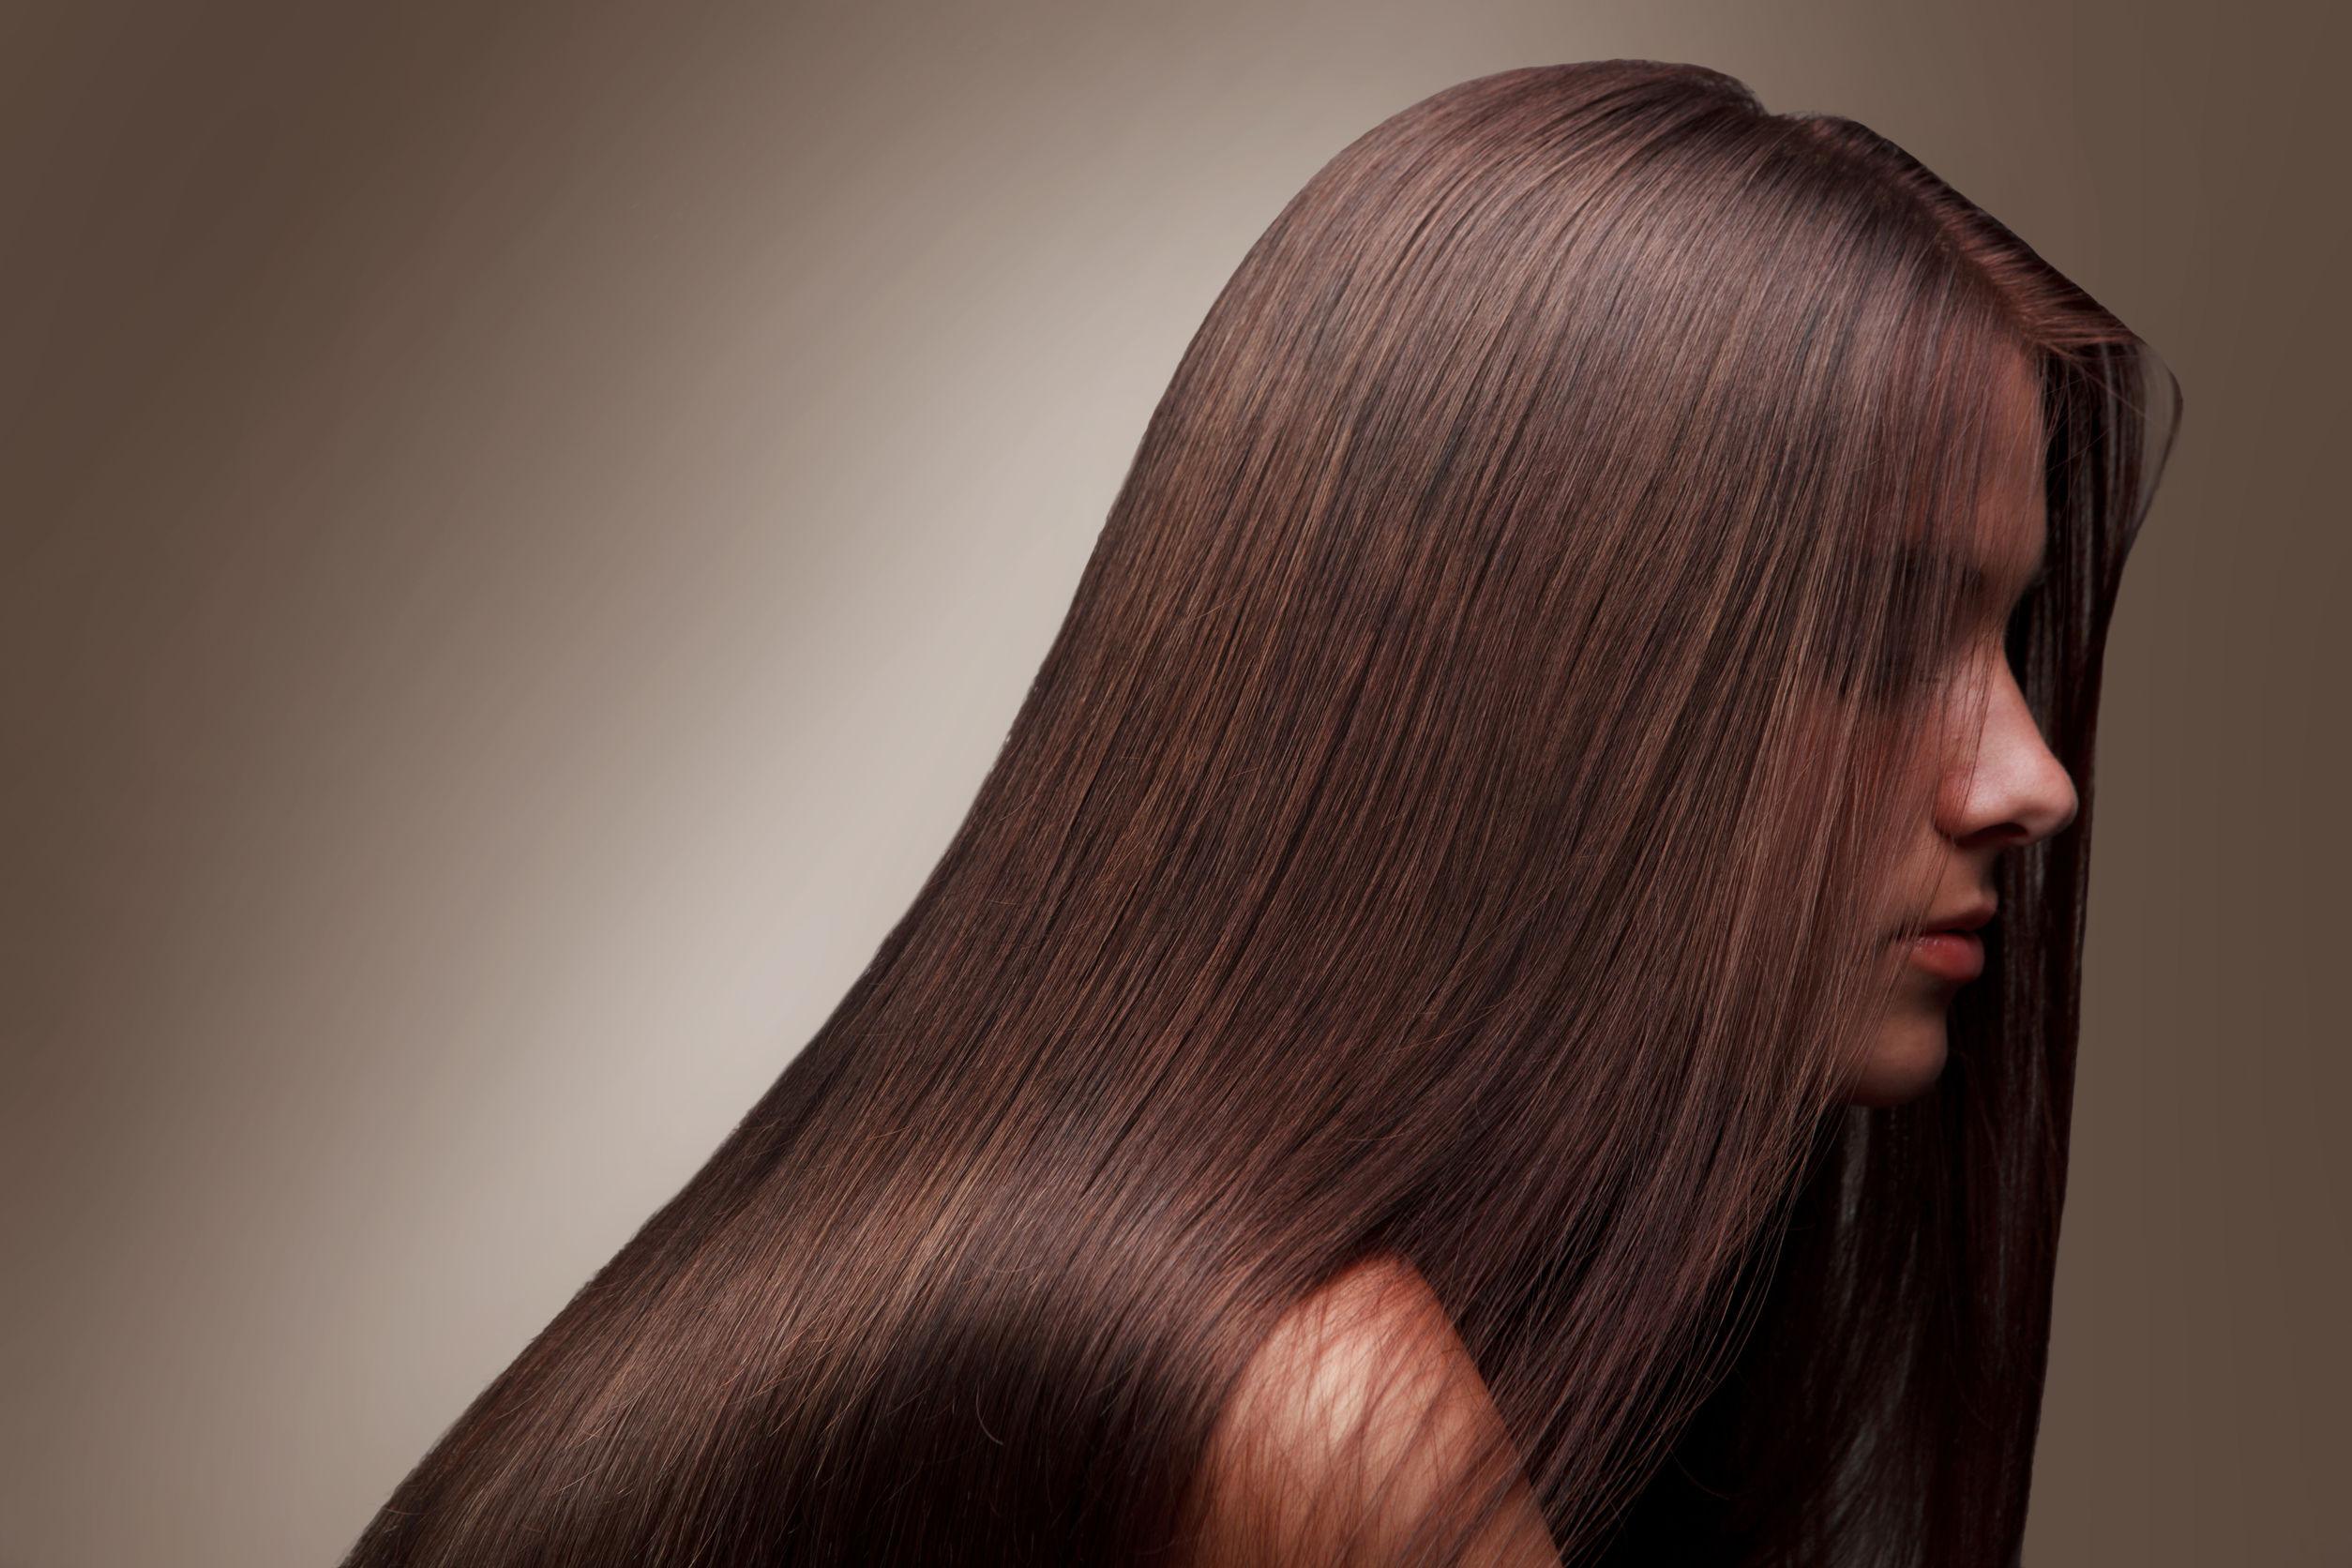 savrseno negovana kosa